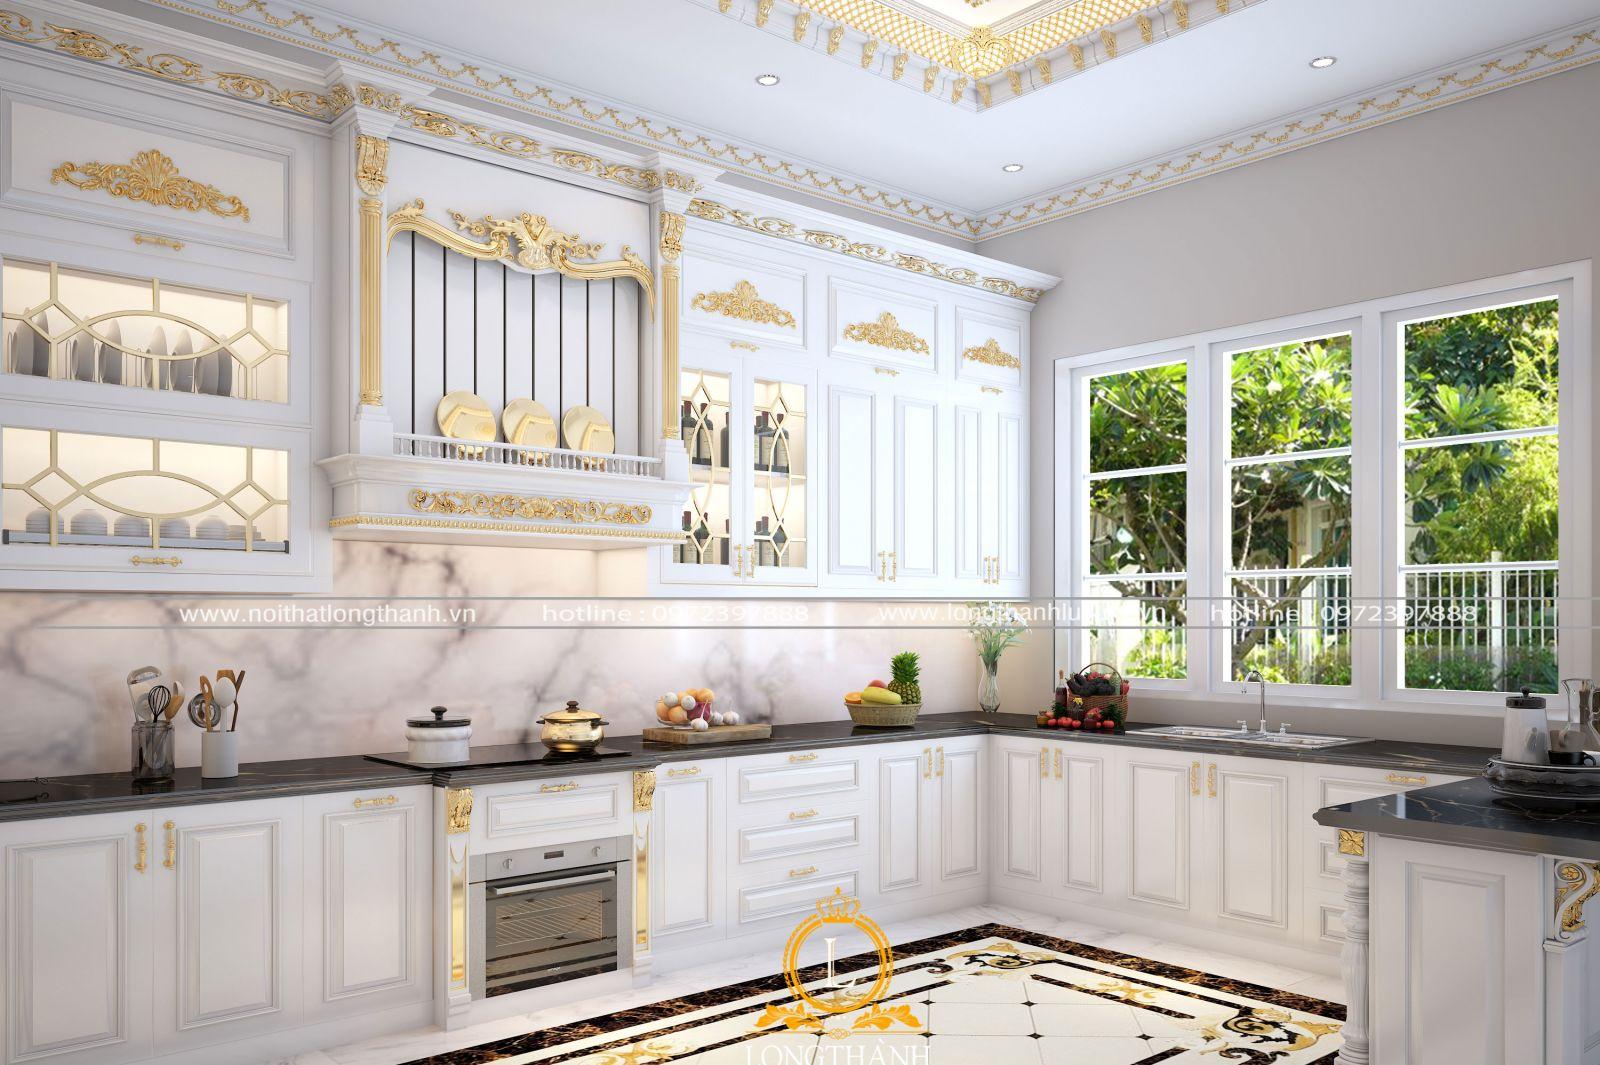 Tủ bếp sơn trắng làm đẹp không gian sống